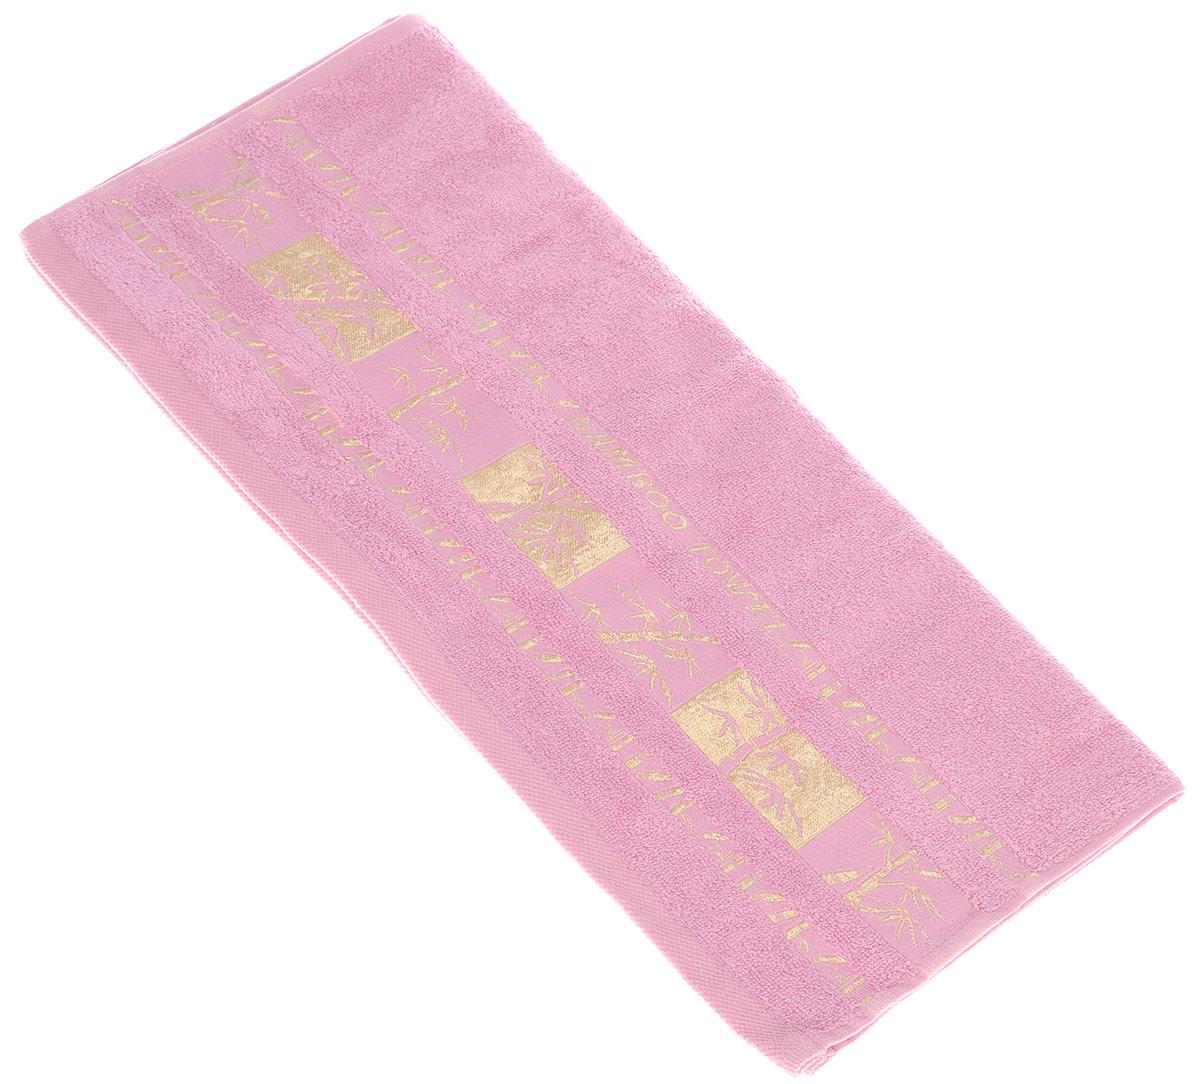 Полотенце Brielle Bamboo Gold, цвет: розовый, 50 х 90 см68/5/3Полотенце Brielle Bamboo Gold выполнено из бамбука с содержанием хлопка. Изделие очень мягкое, оно отлично впитывает влагу, быстро сохнет, сохраняет яркость цвета и не теряет формы даже после многократных стирок. Одна из боковых сторон оформлена оригинальным рисунком и надписью. Полотенце Brielle Bamboo Gold очень практично и неприхотливо в уходе. Такое полотенце послужит приятным подарком.